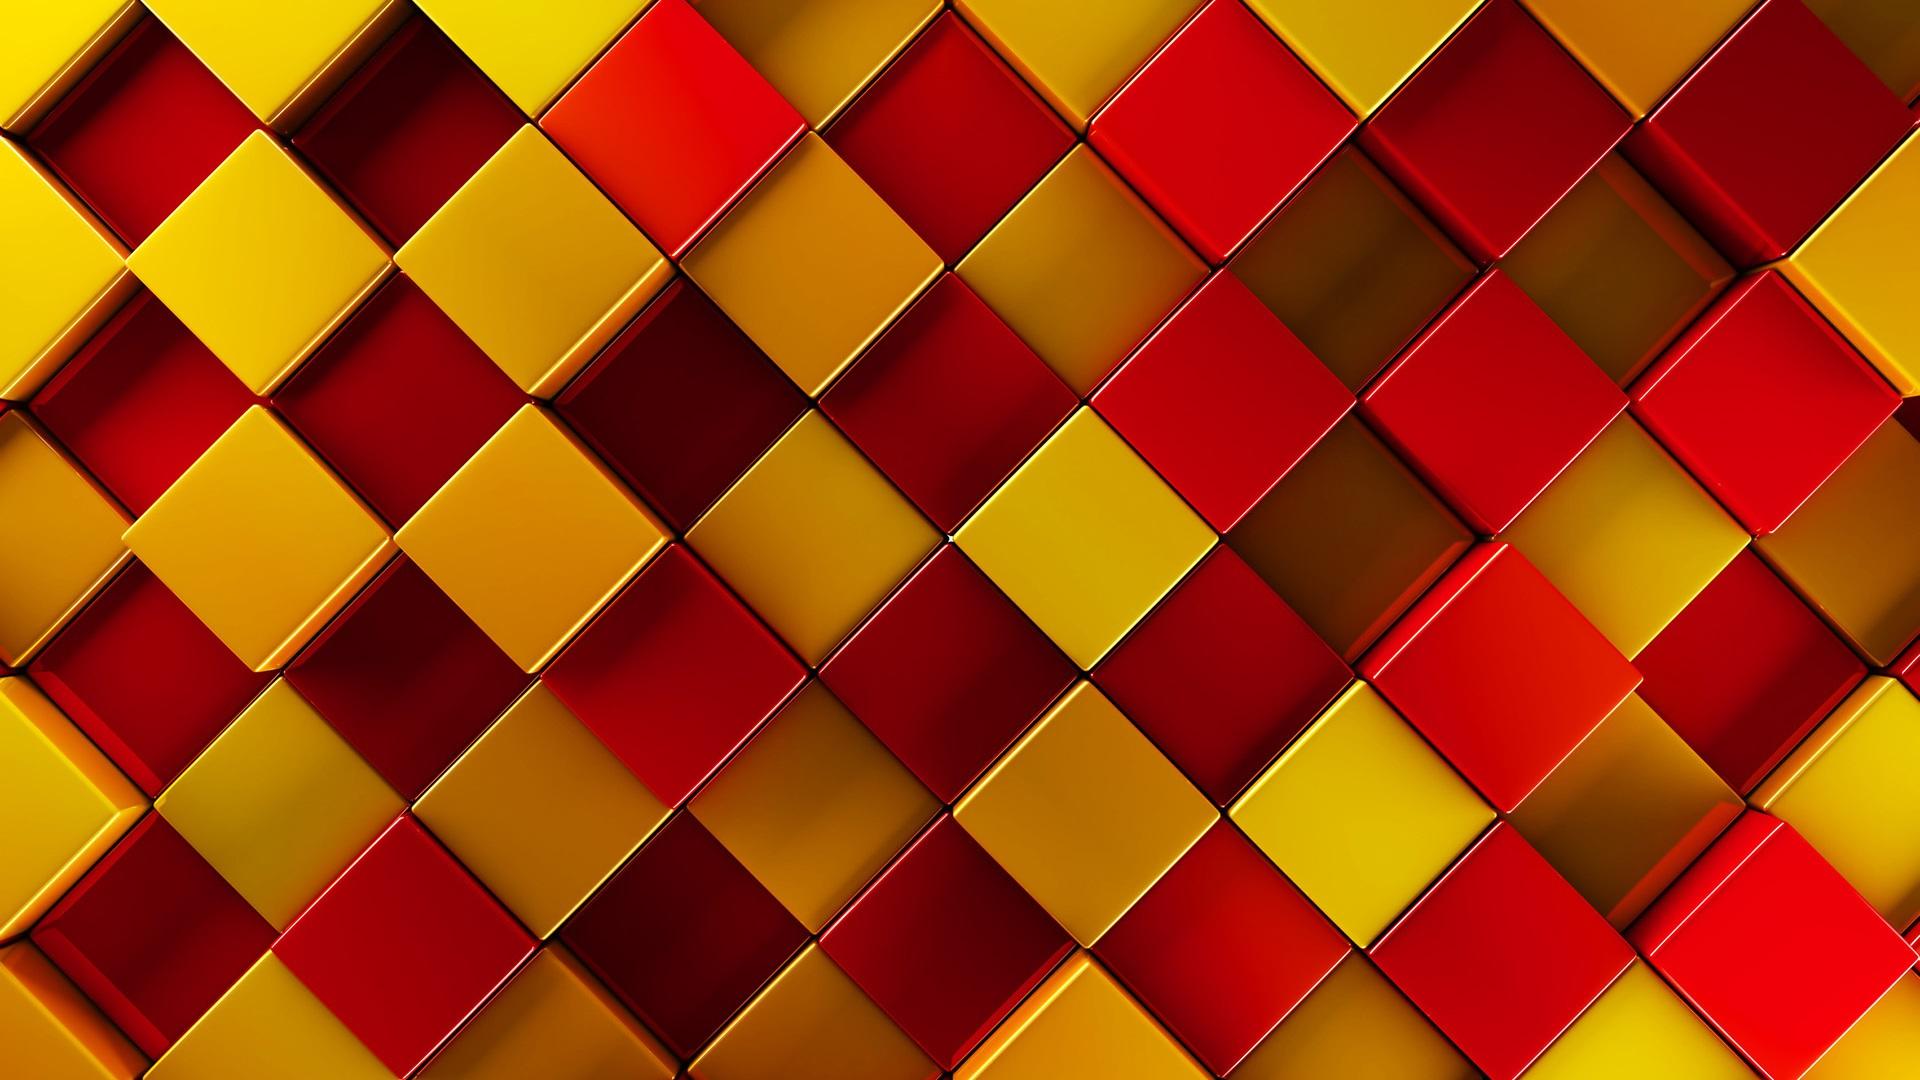 Fondo Fondos Abstractos Rojo Y Amarillo: Fondos De Pantalla 3D Cuadrados, Rojo, Amarillo, Marrón